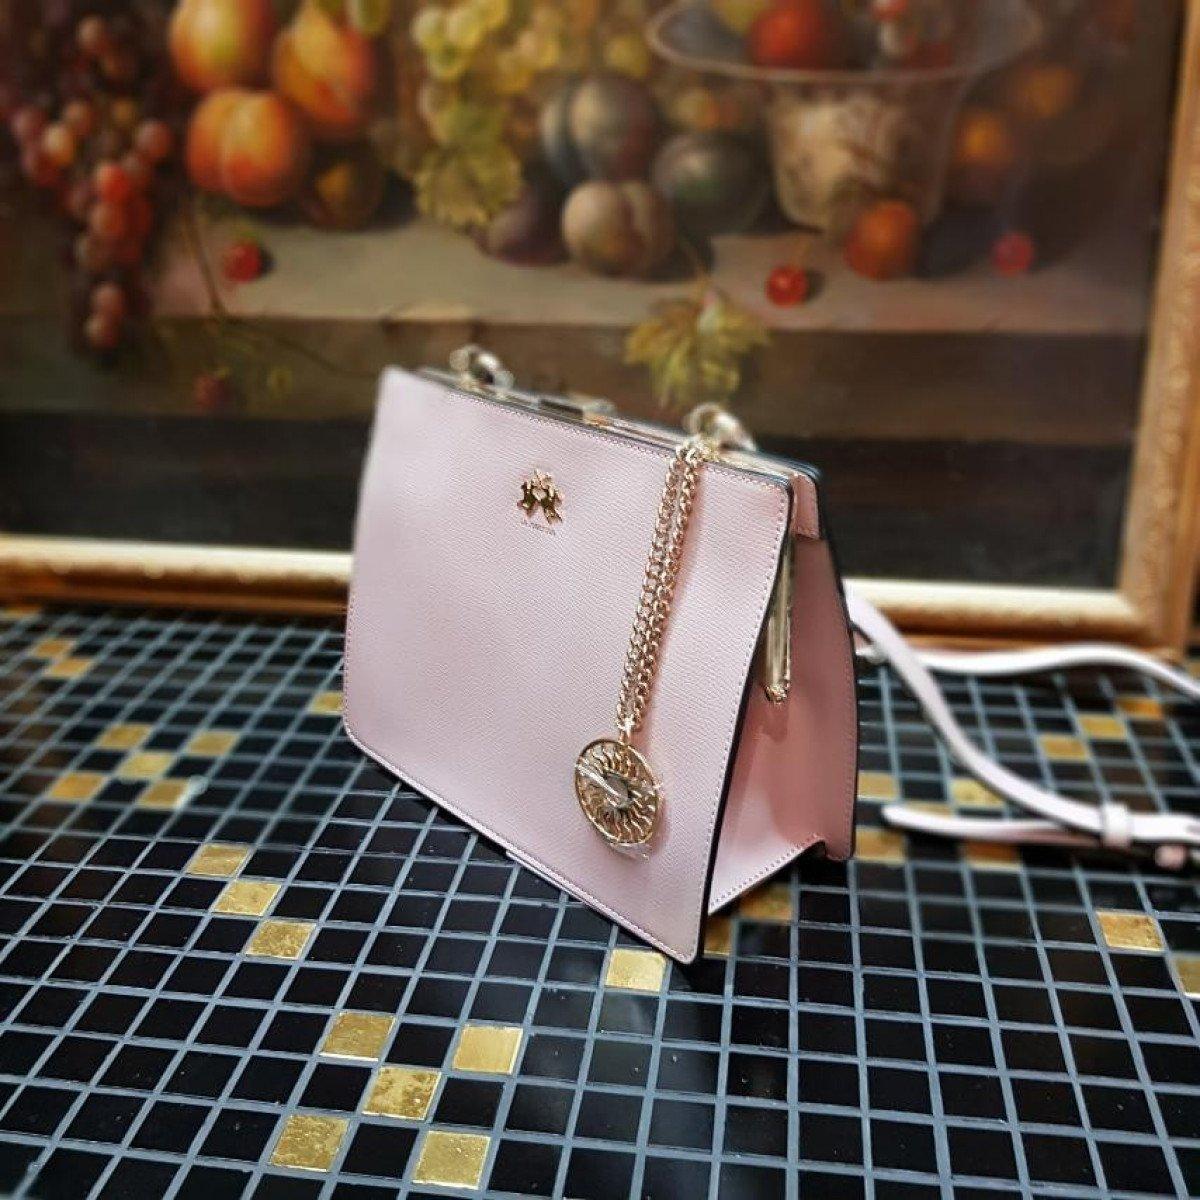 Женская кожаная сумка La Martina 41W334 O0005 shadow grey из натуральной кожи